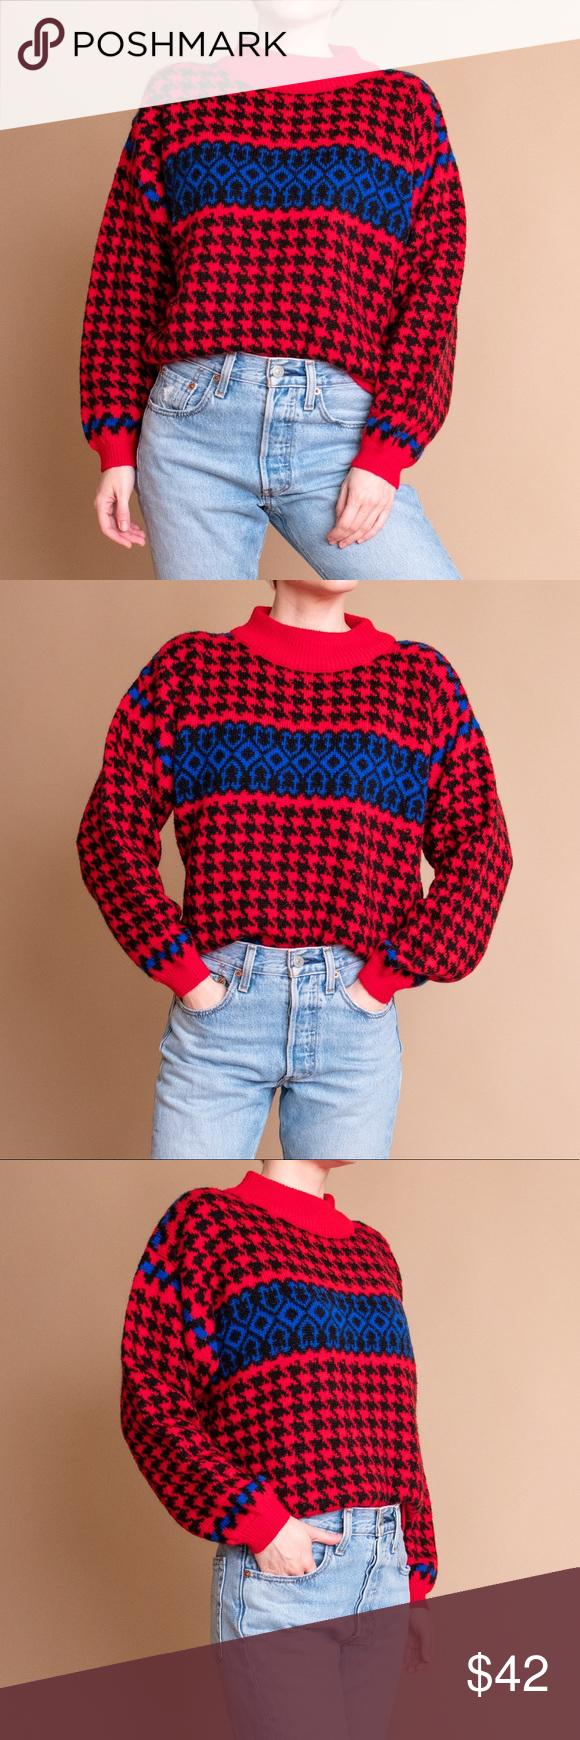 Vintage 80s houndstooth turtleneck boxy sweater Vintage 80s red + blue houndstoo…